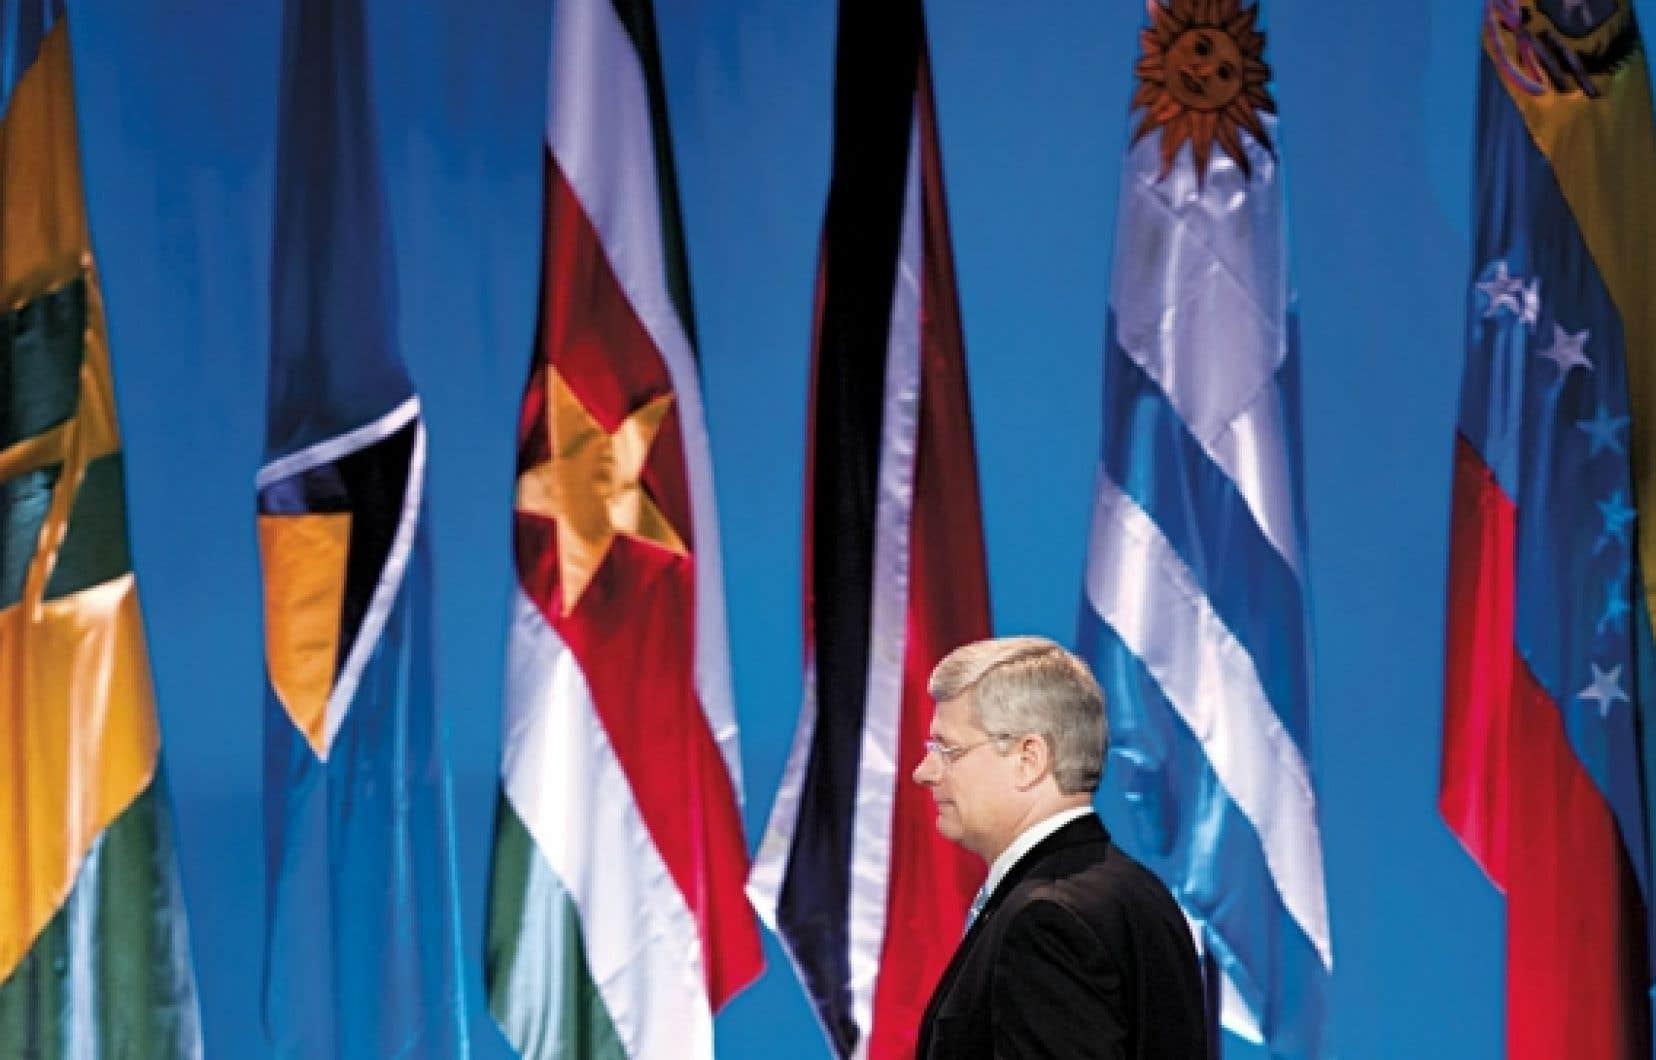 Le premier ministre Stephen Harper a participé au dernier Sommet des Amériques qui s'est tenu en Colombie, en avril dernier.